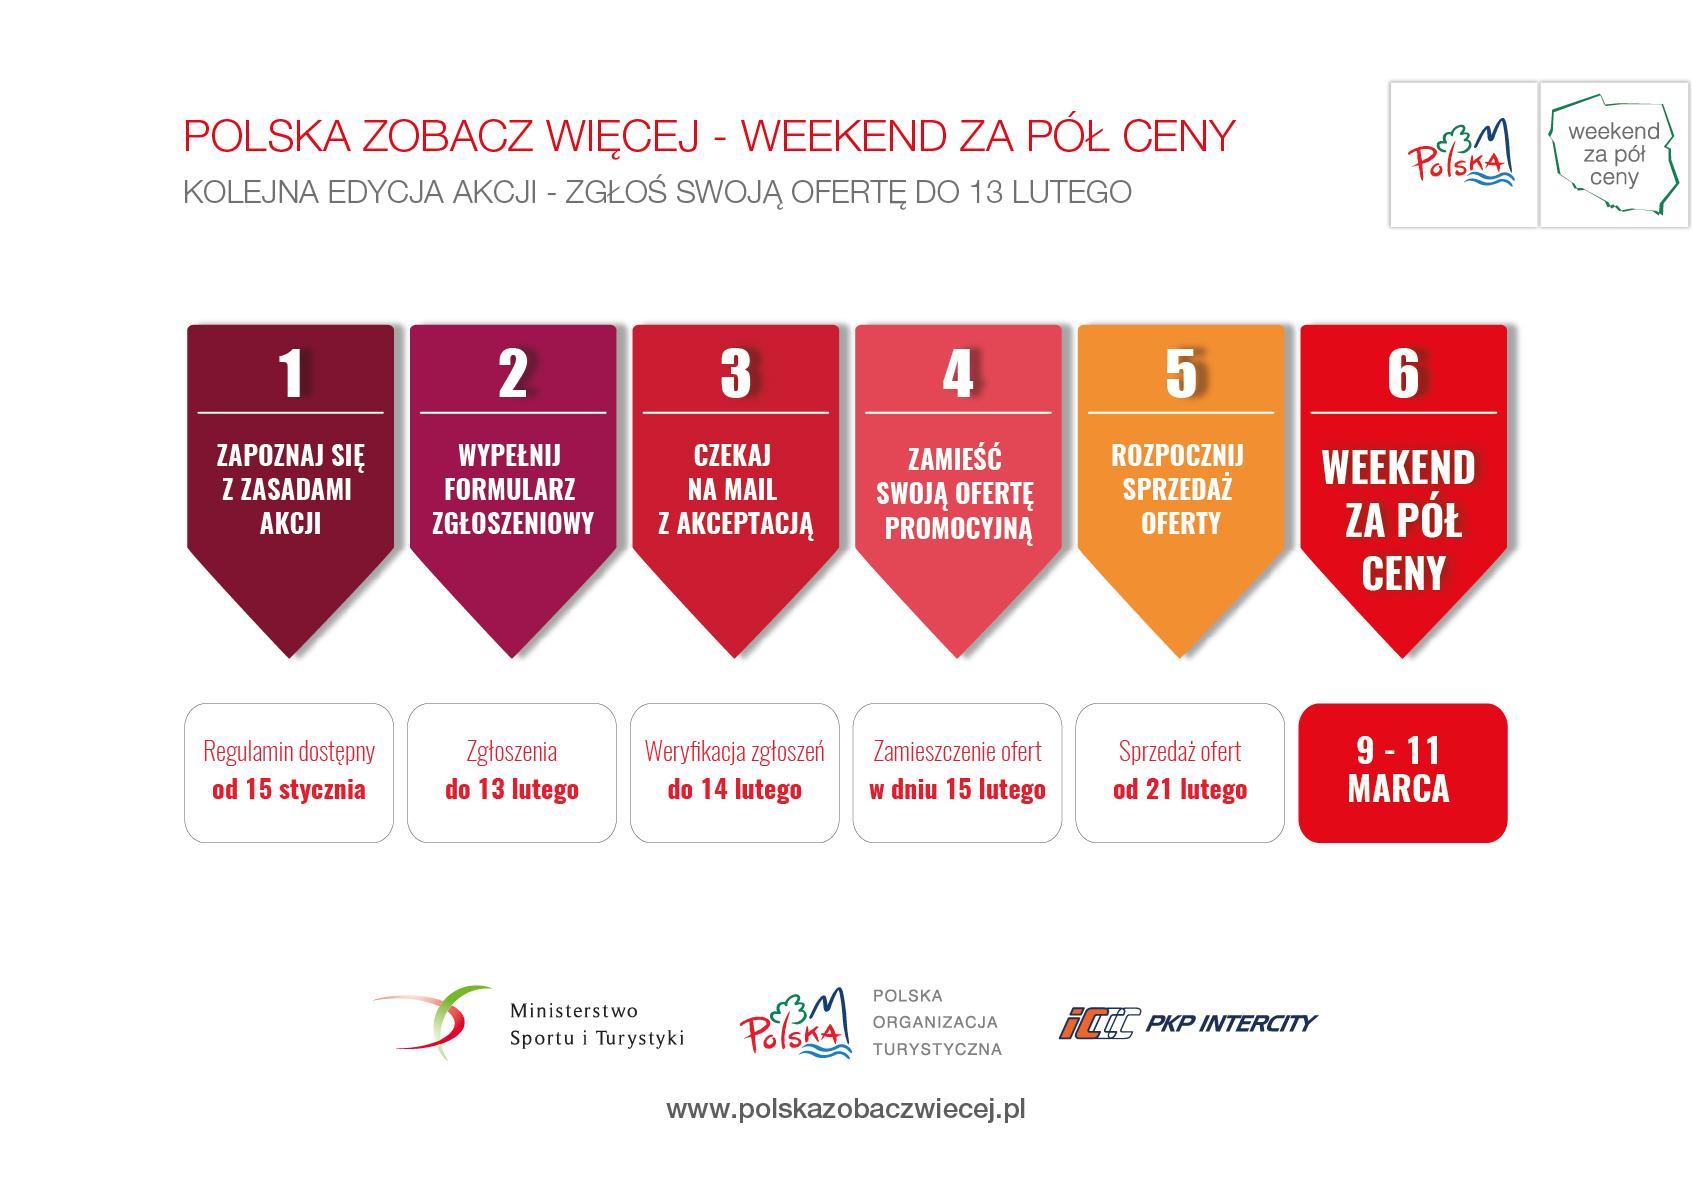 Polska Za Pół Ceny 2019: Tuba Ostrowa Wielkopolskiego